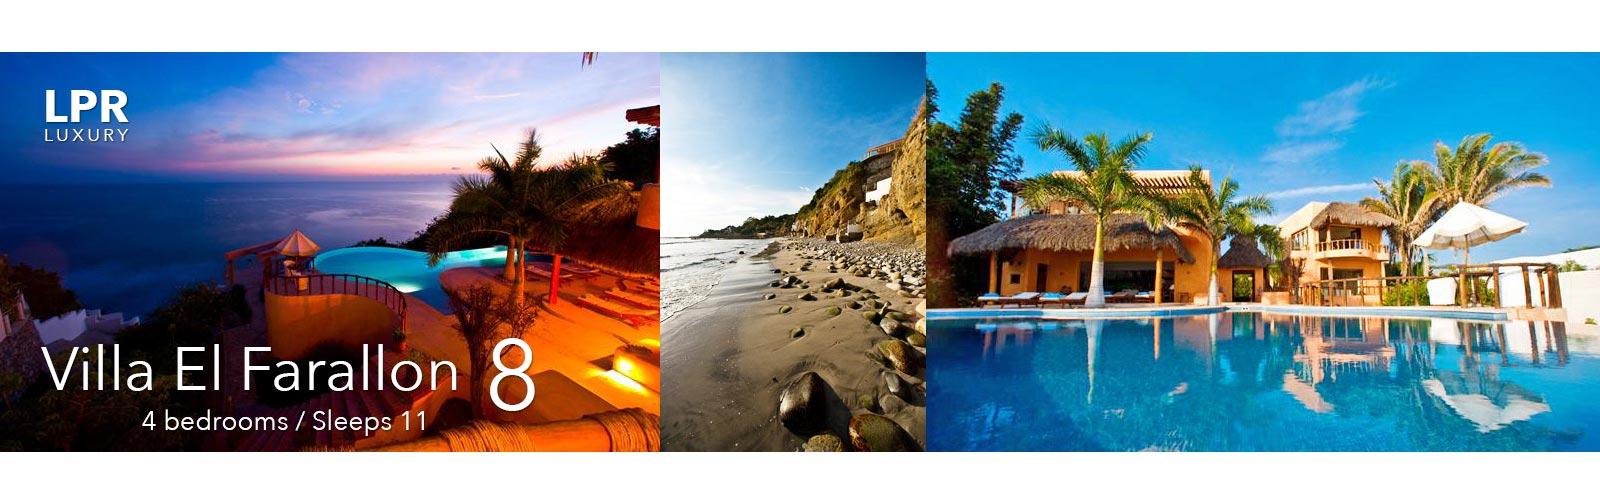 Villa El Farallon 8 - Luxury Punta de Mita Vacation Rentals - Puerto Vallarta